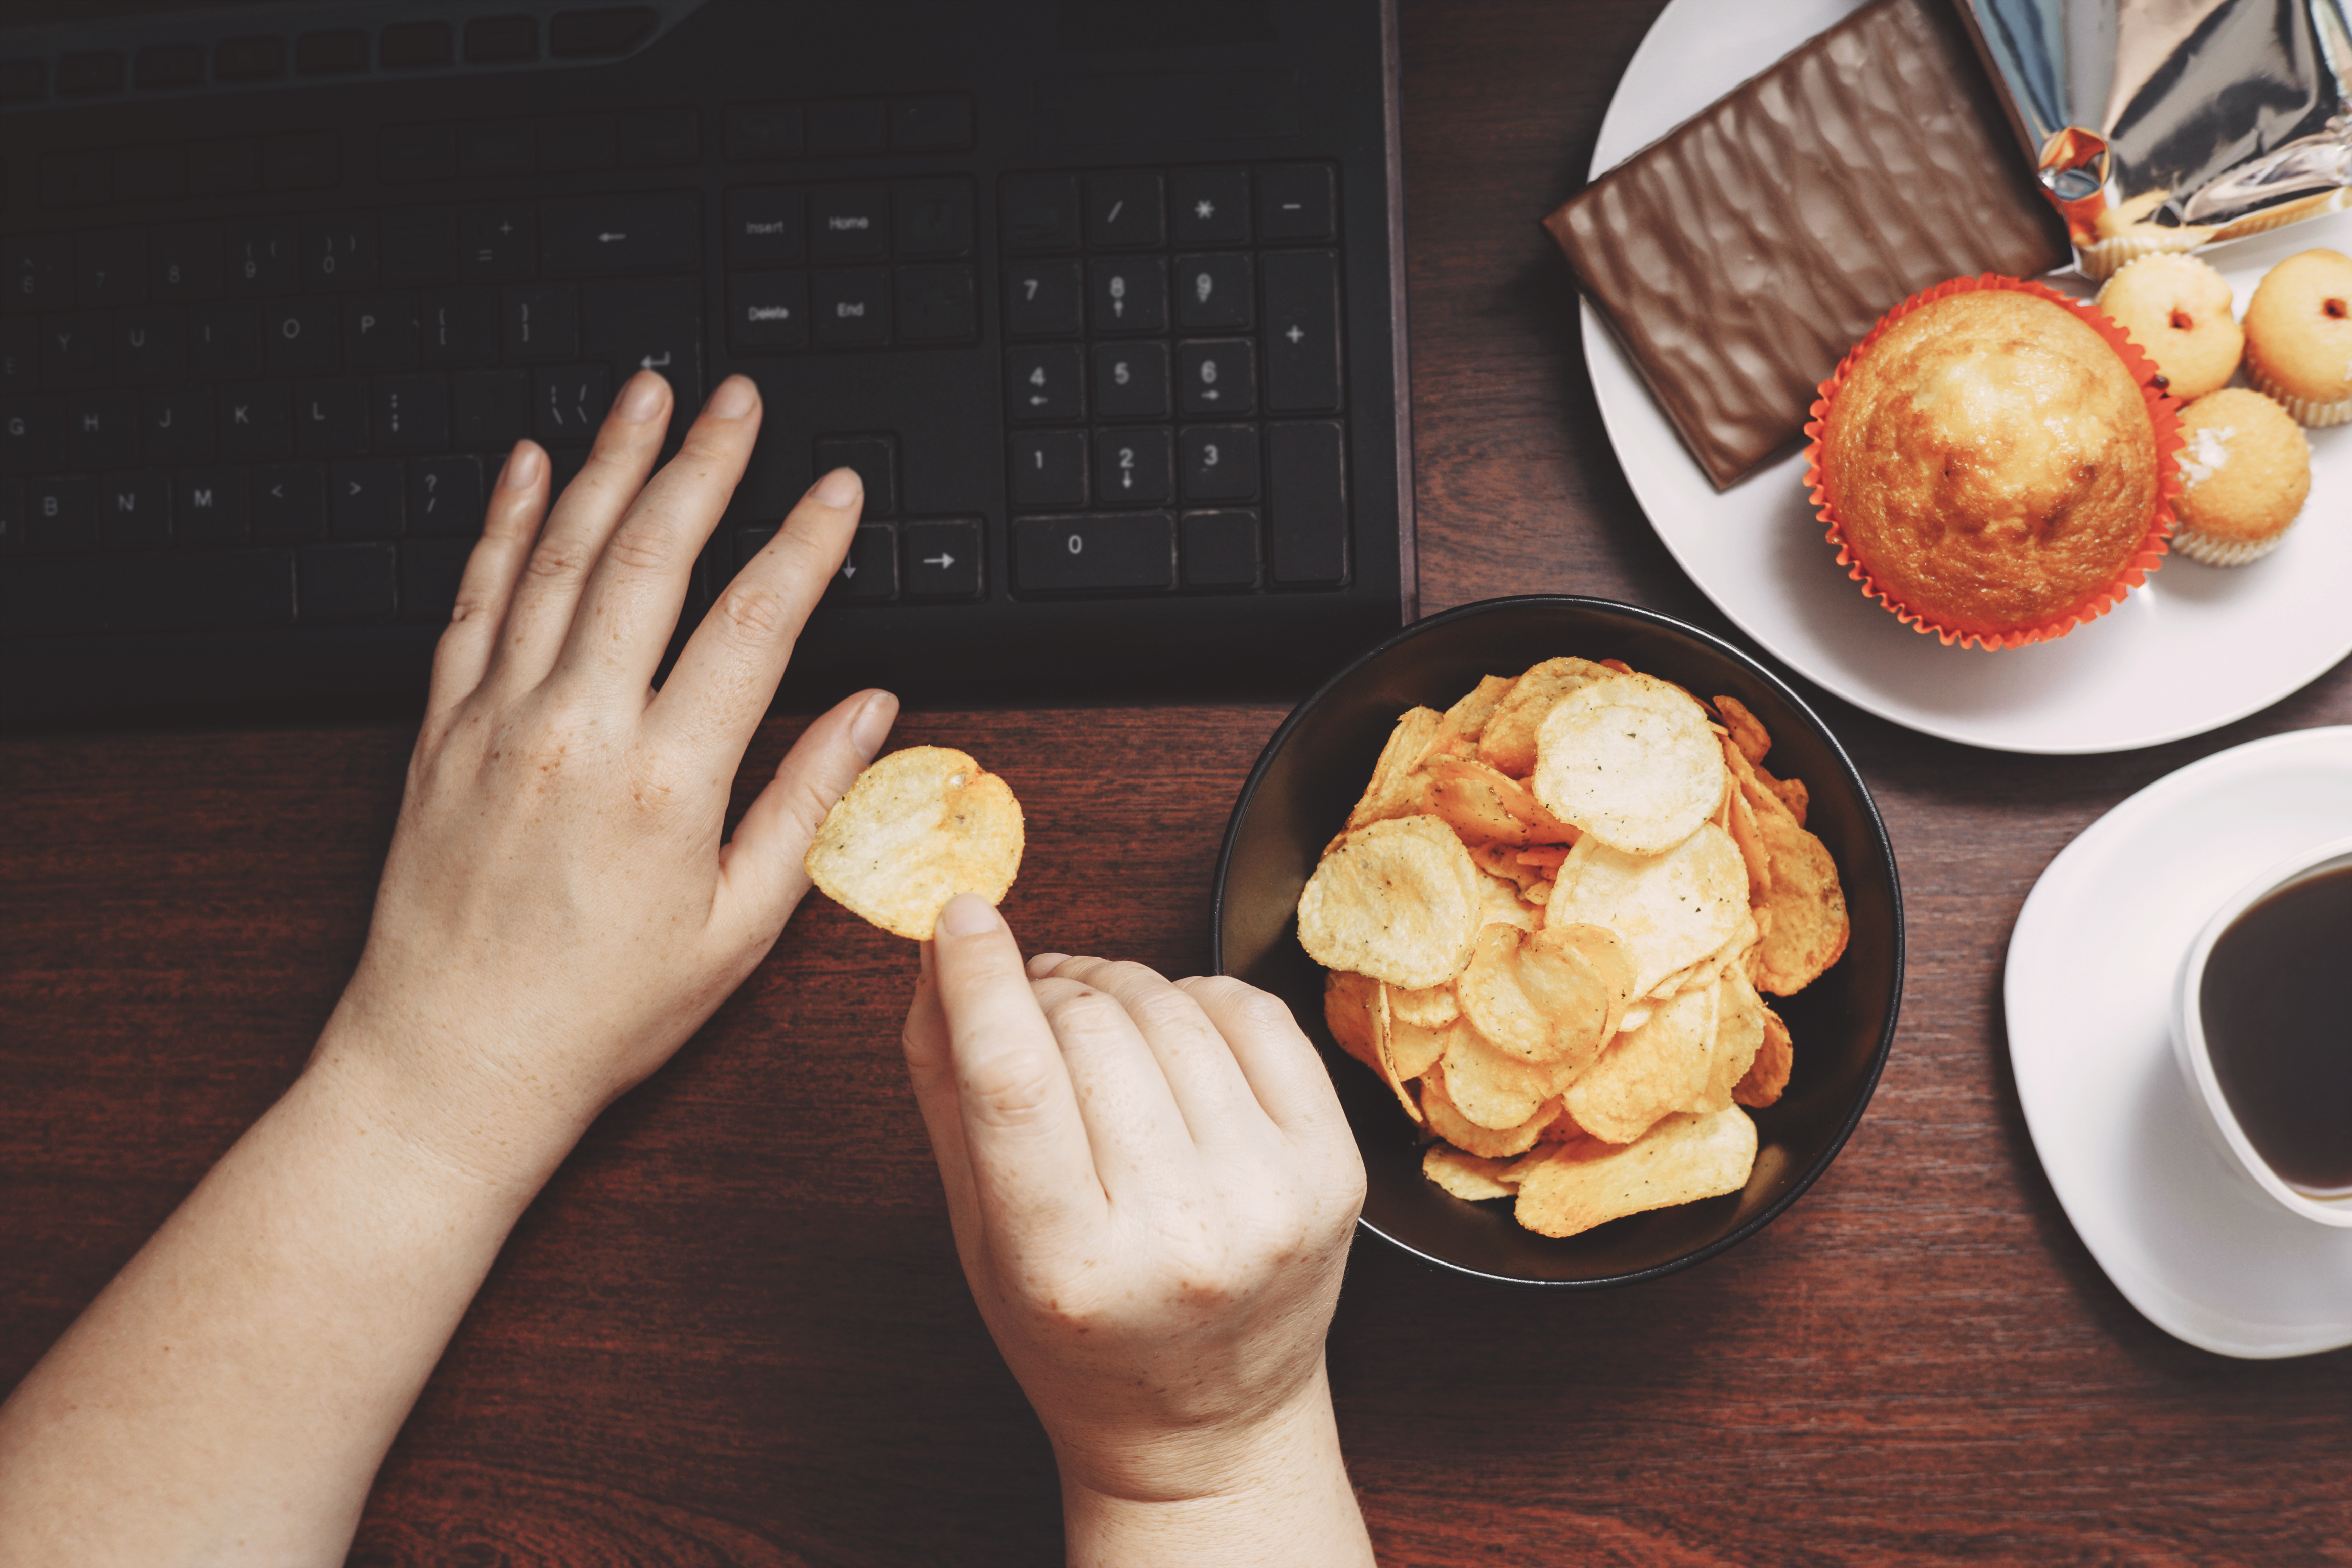 防疫不出門吃更多?這些解嘴饞零食宅家健康吃也不怕胖